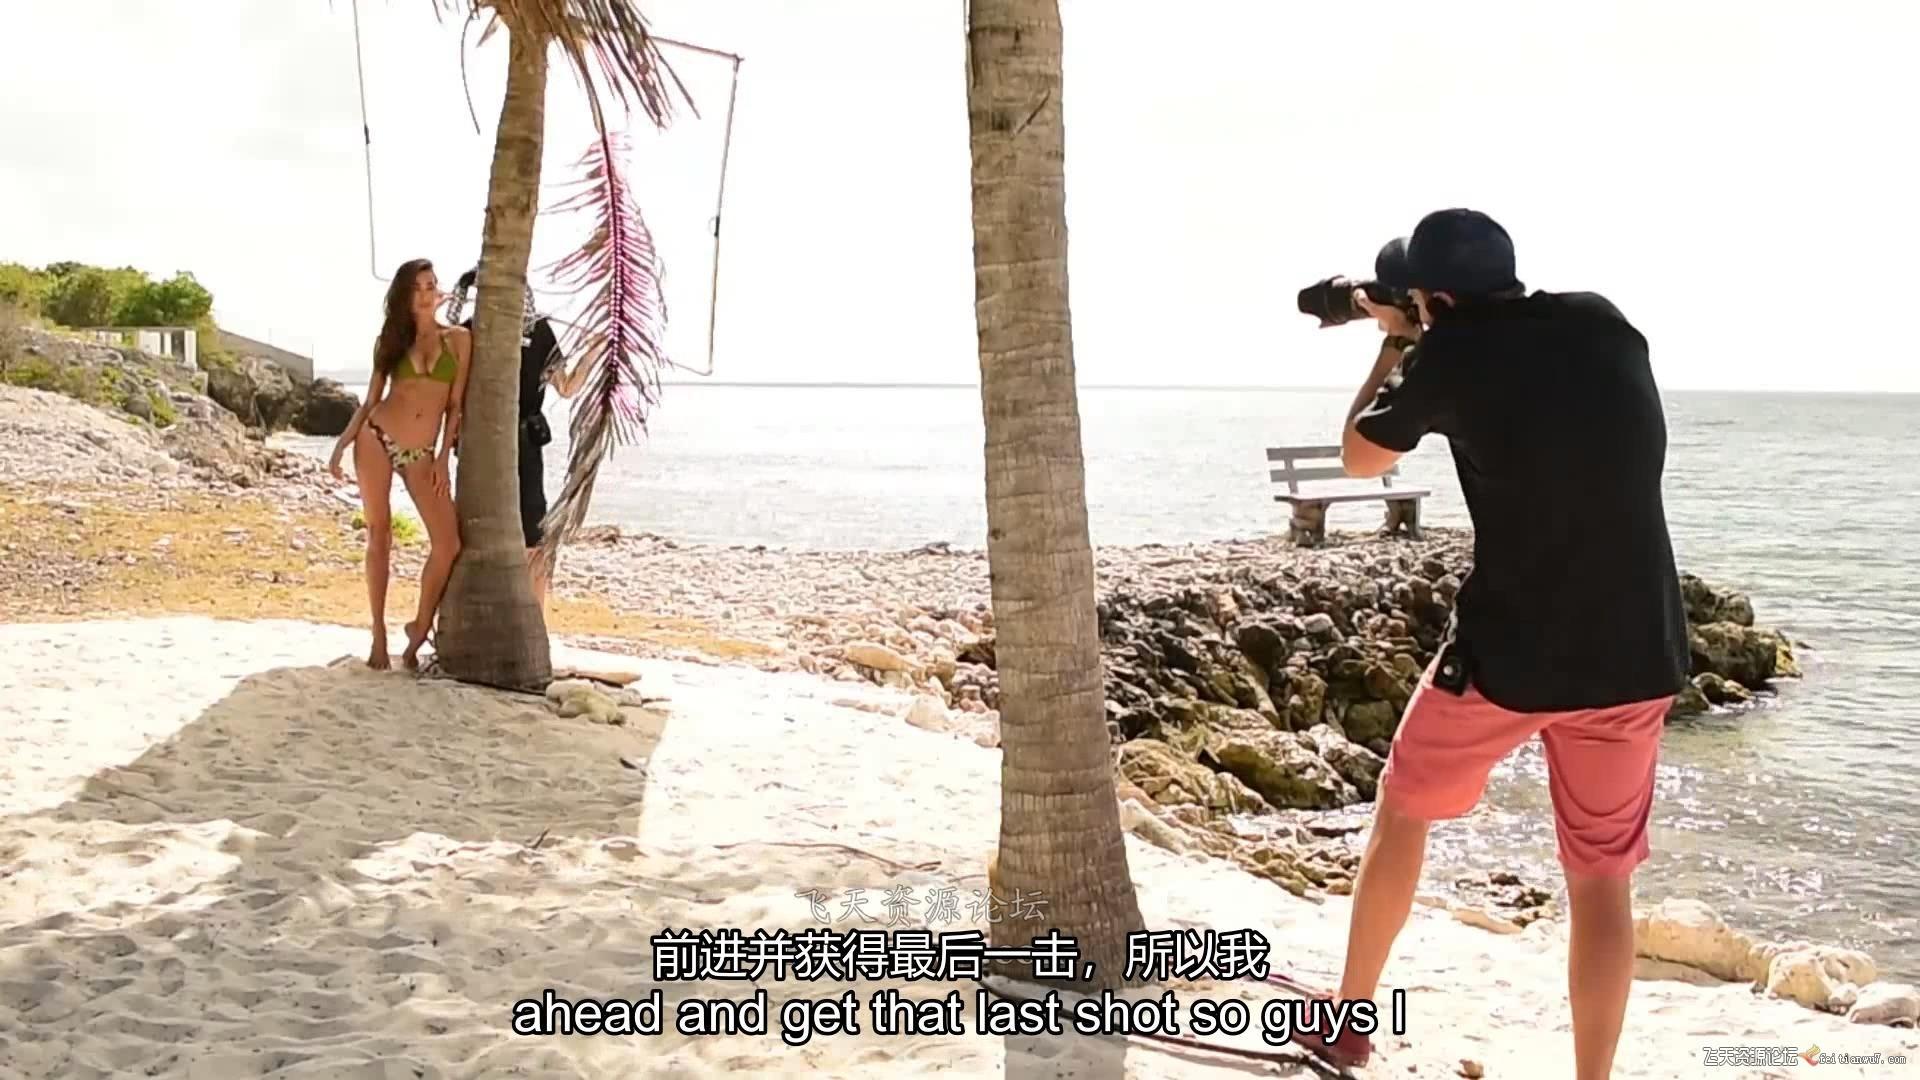 摄影教程_Fstoppers - Joey Wright商业泳装摄影-布光摆姿修饰教程(中英字幕) 摄影教程 _预览图19